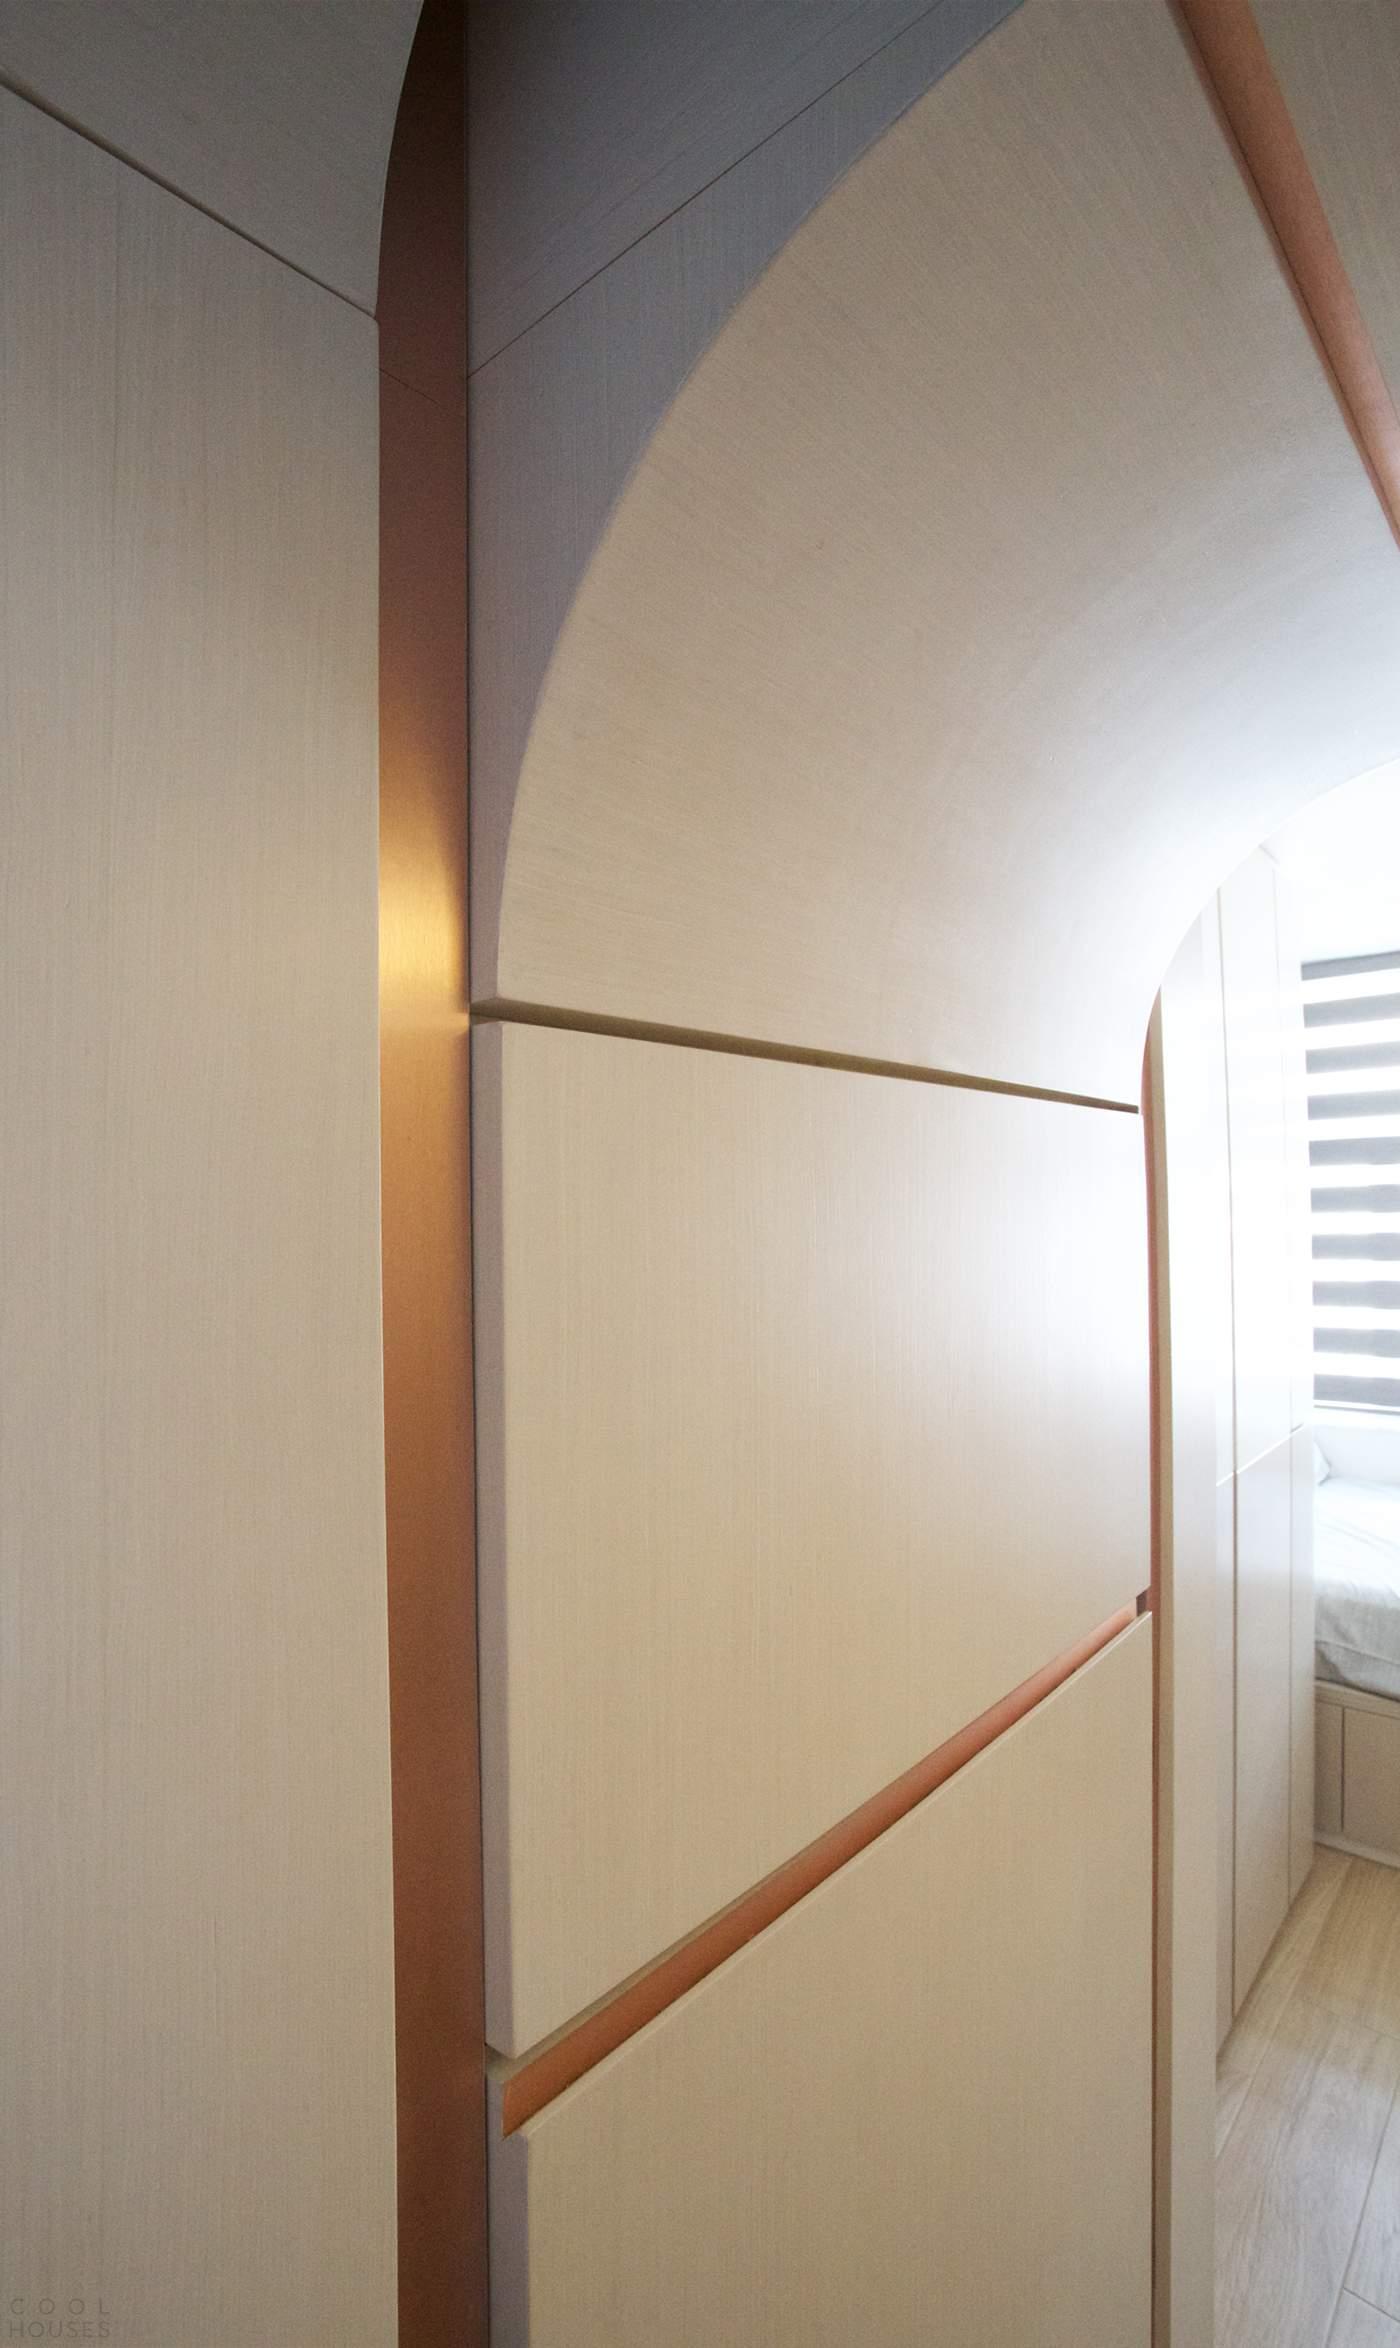 Квартира с поэтическим пространством в Гонконге